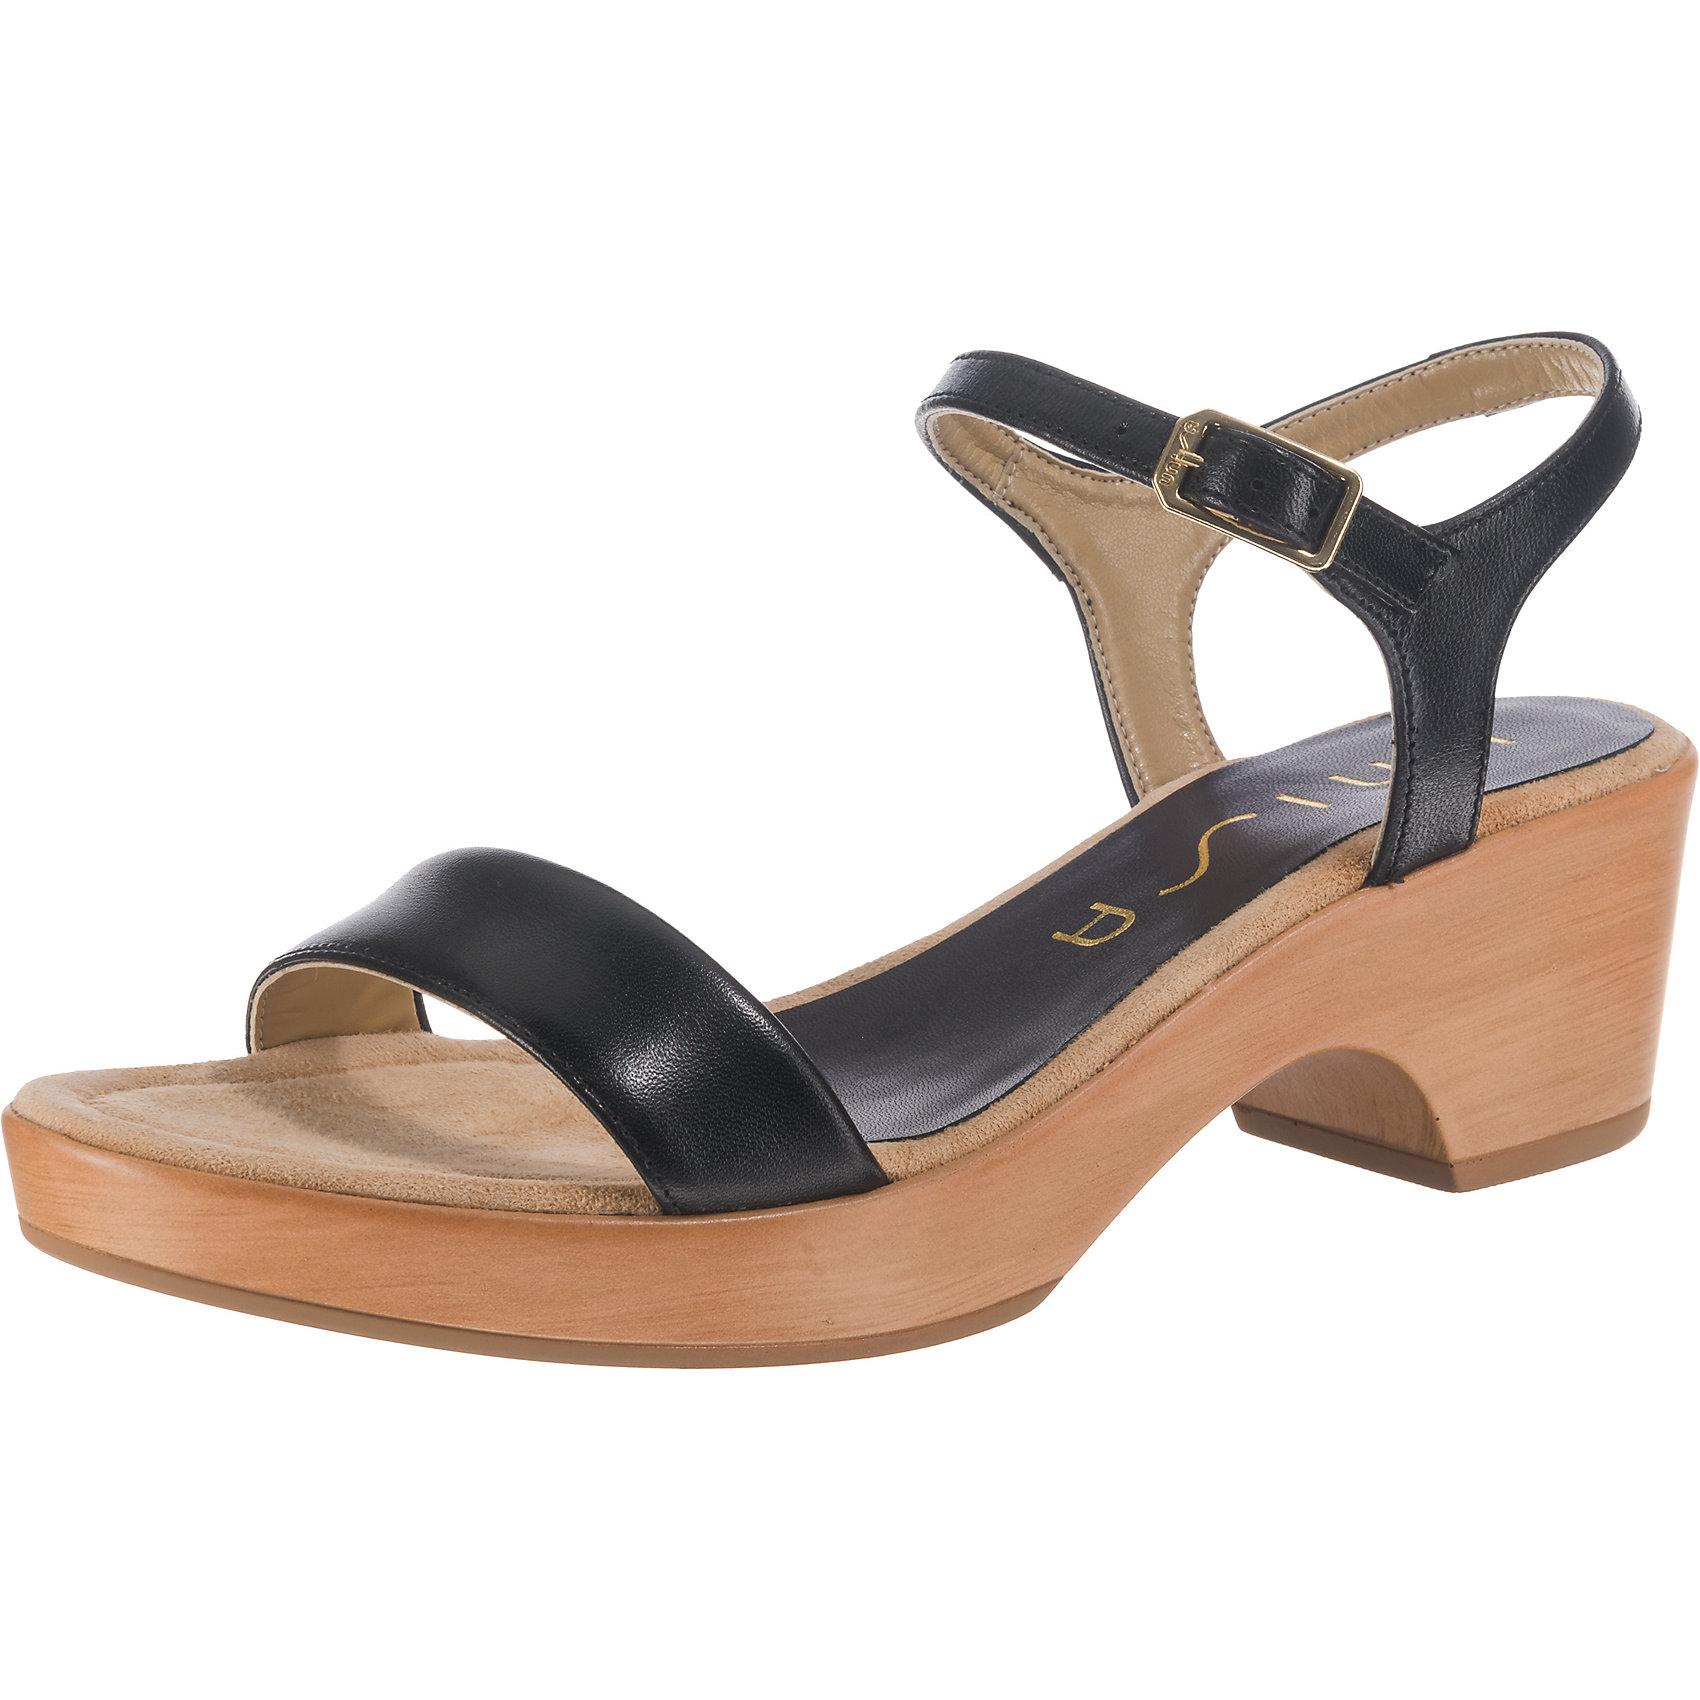 Neu Unisa Klassische Sandaletten 7641042 f r Damen wei schwarz